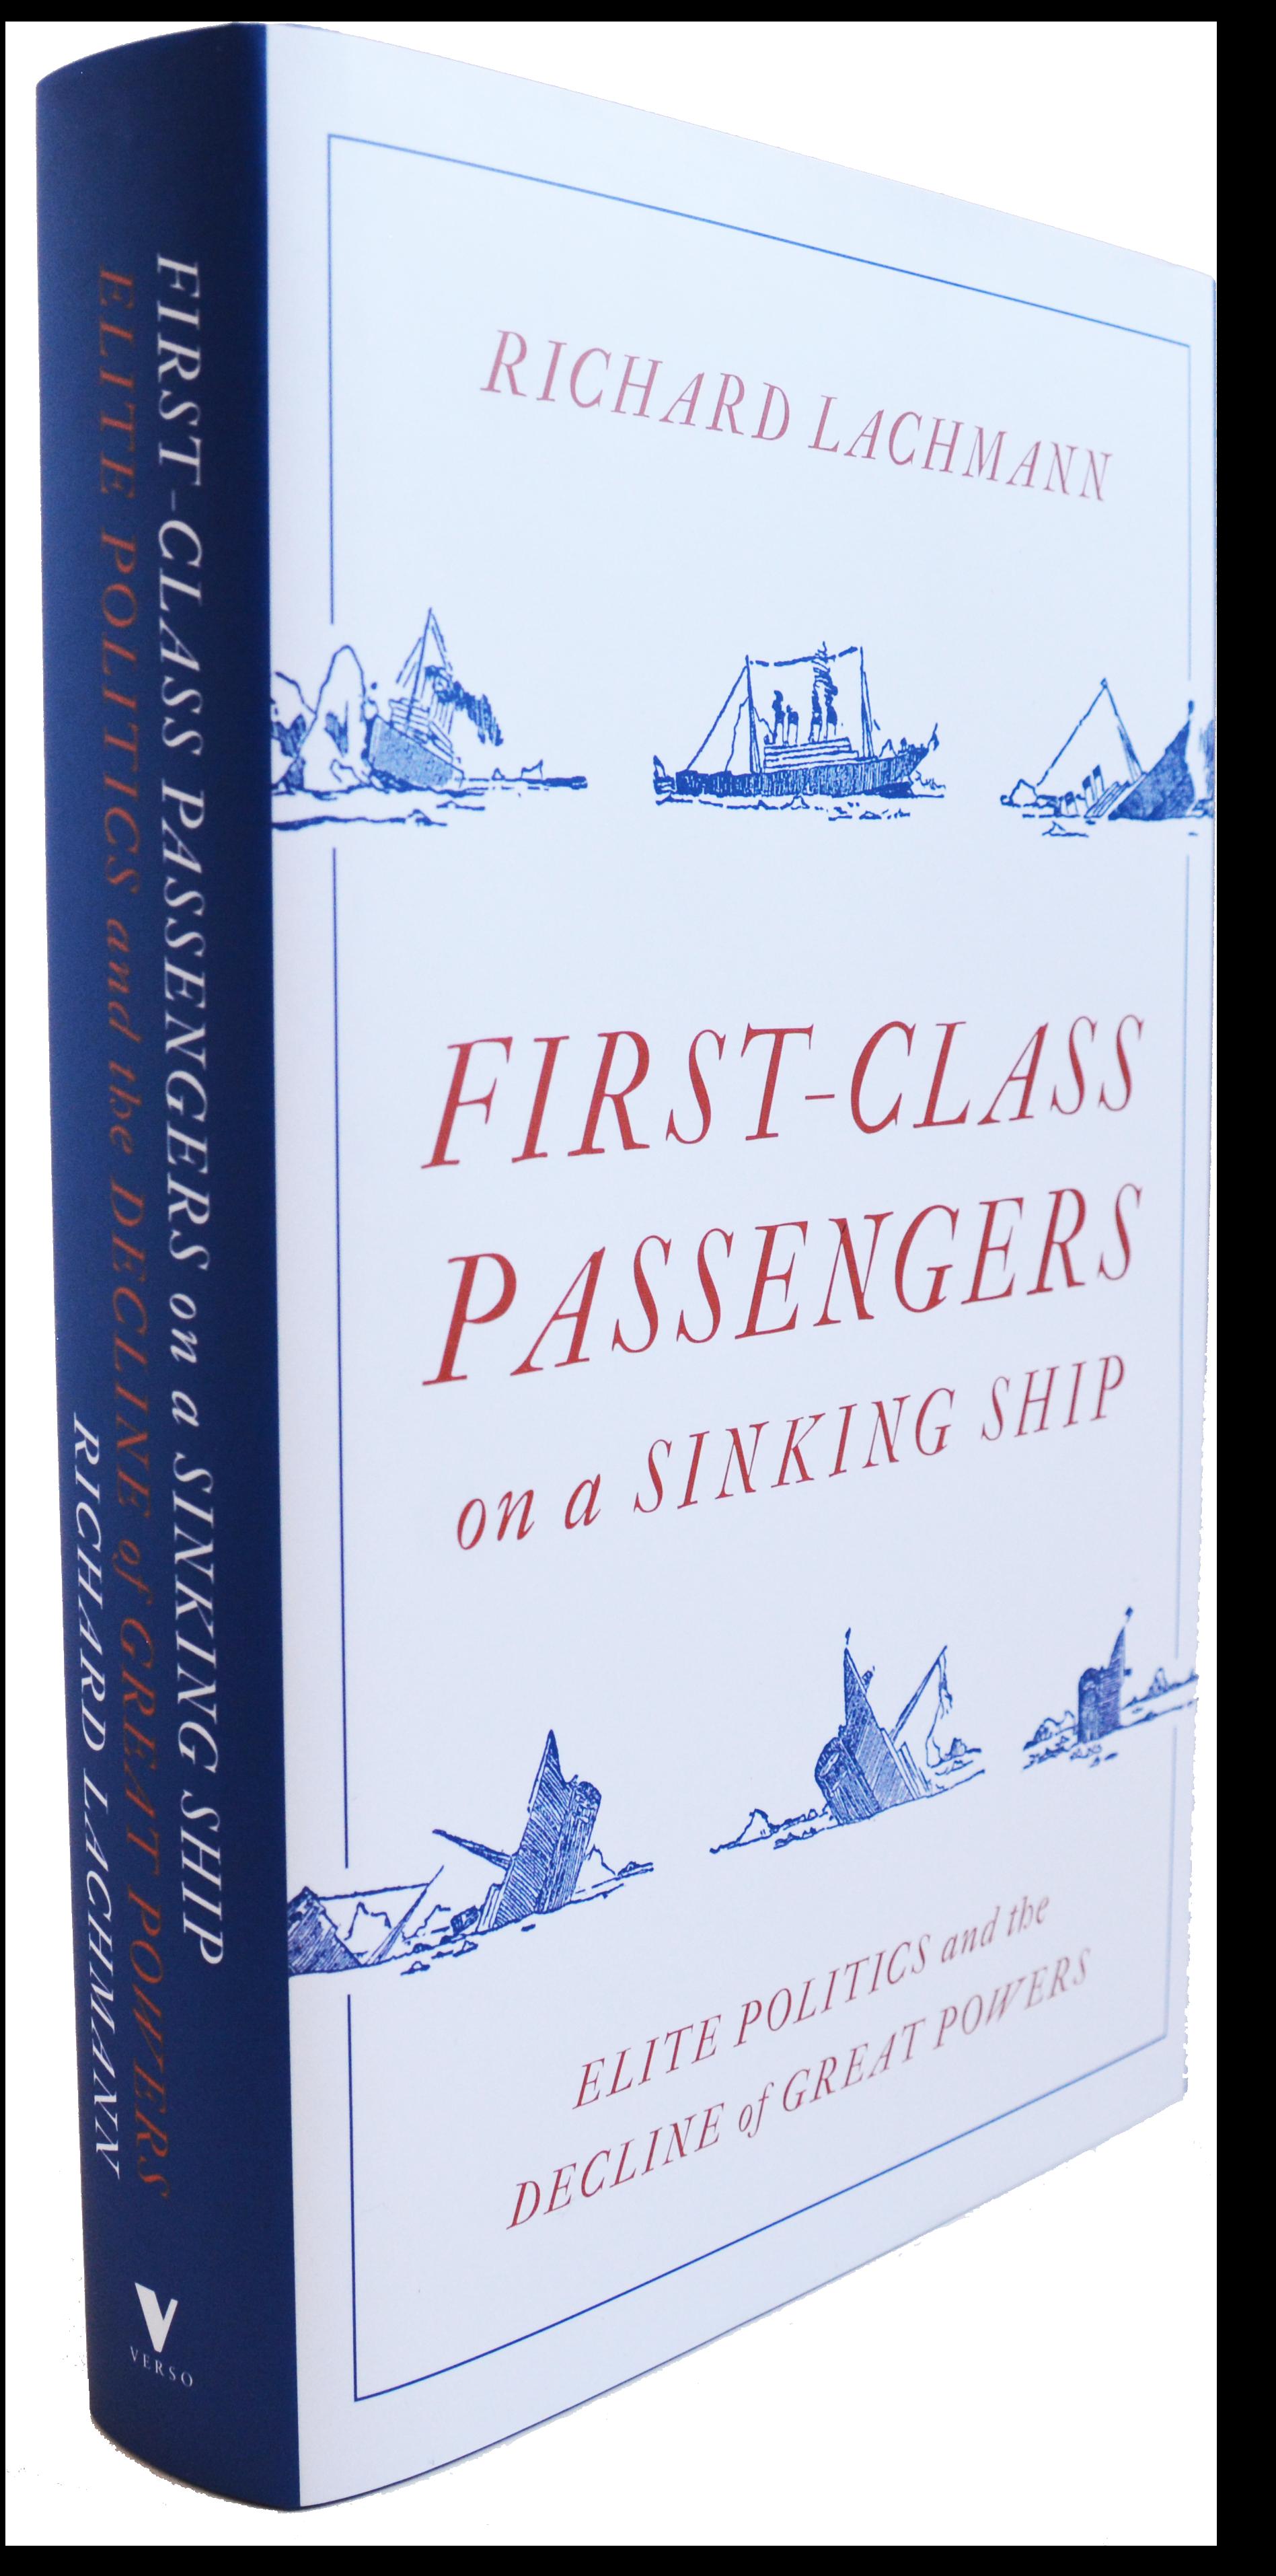 First_class_passengers